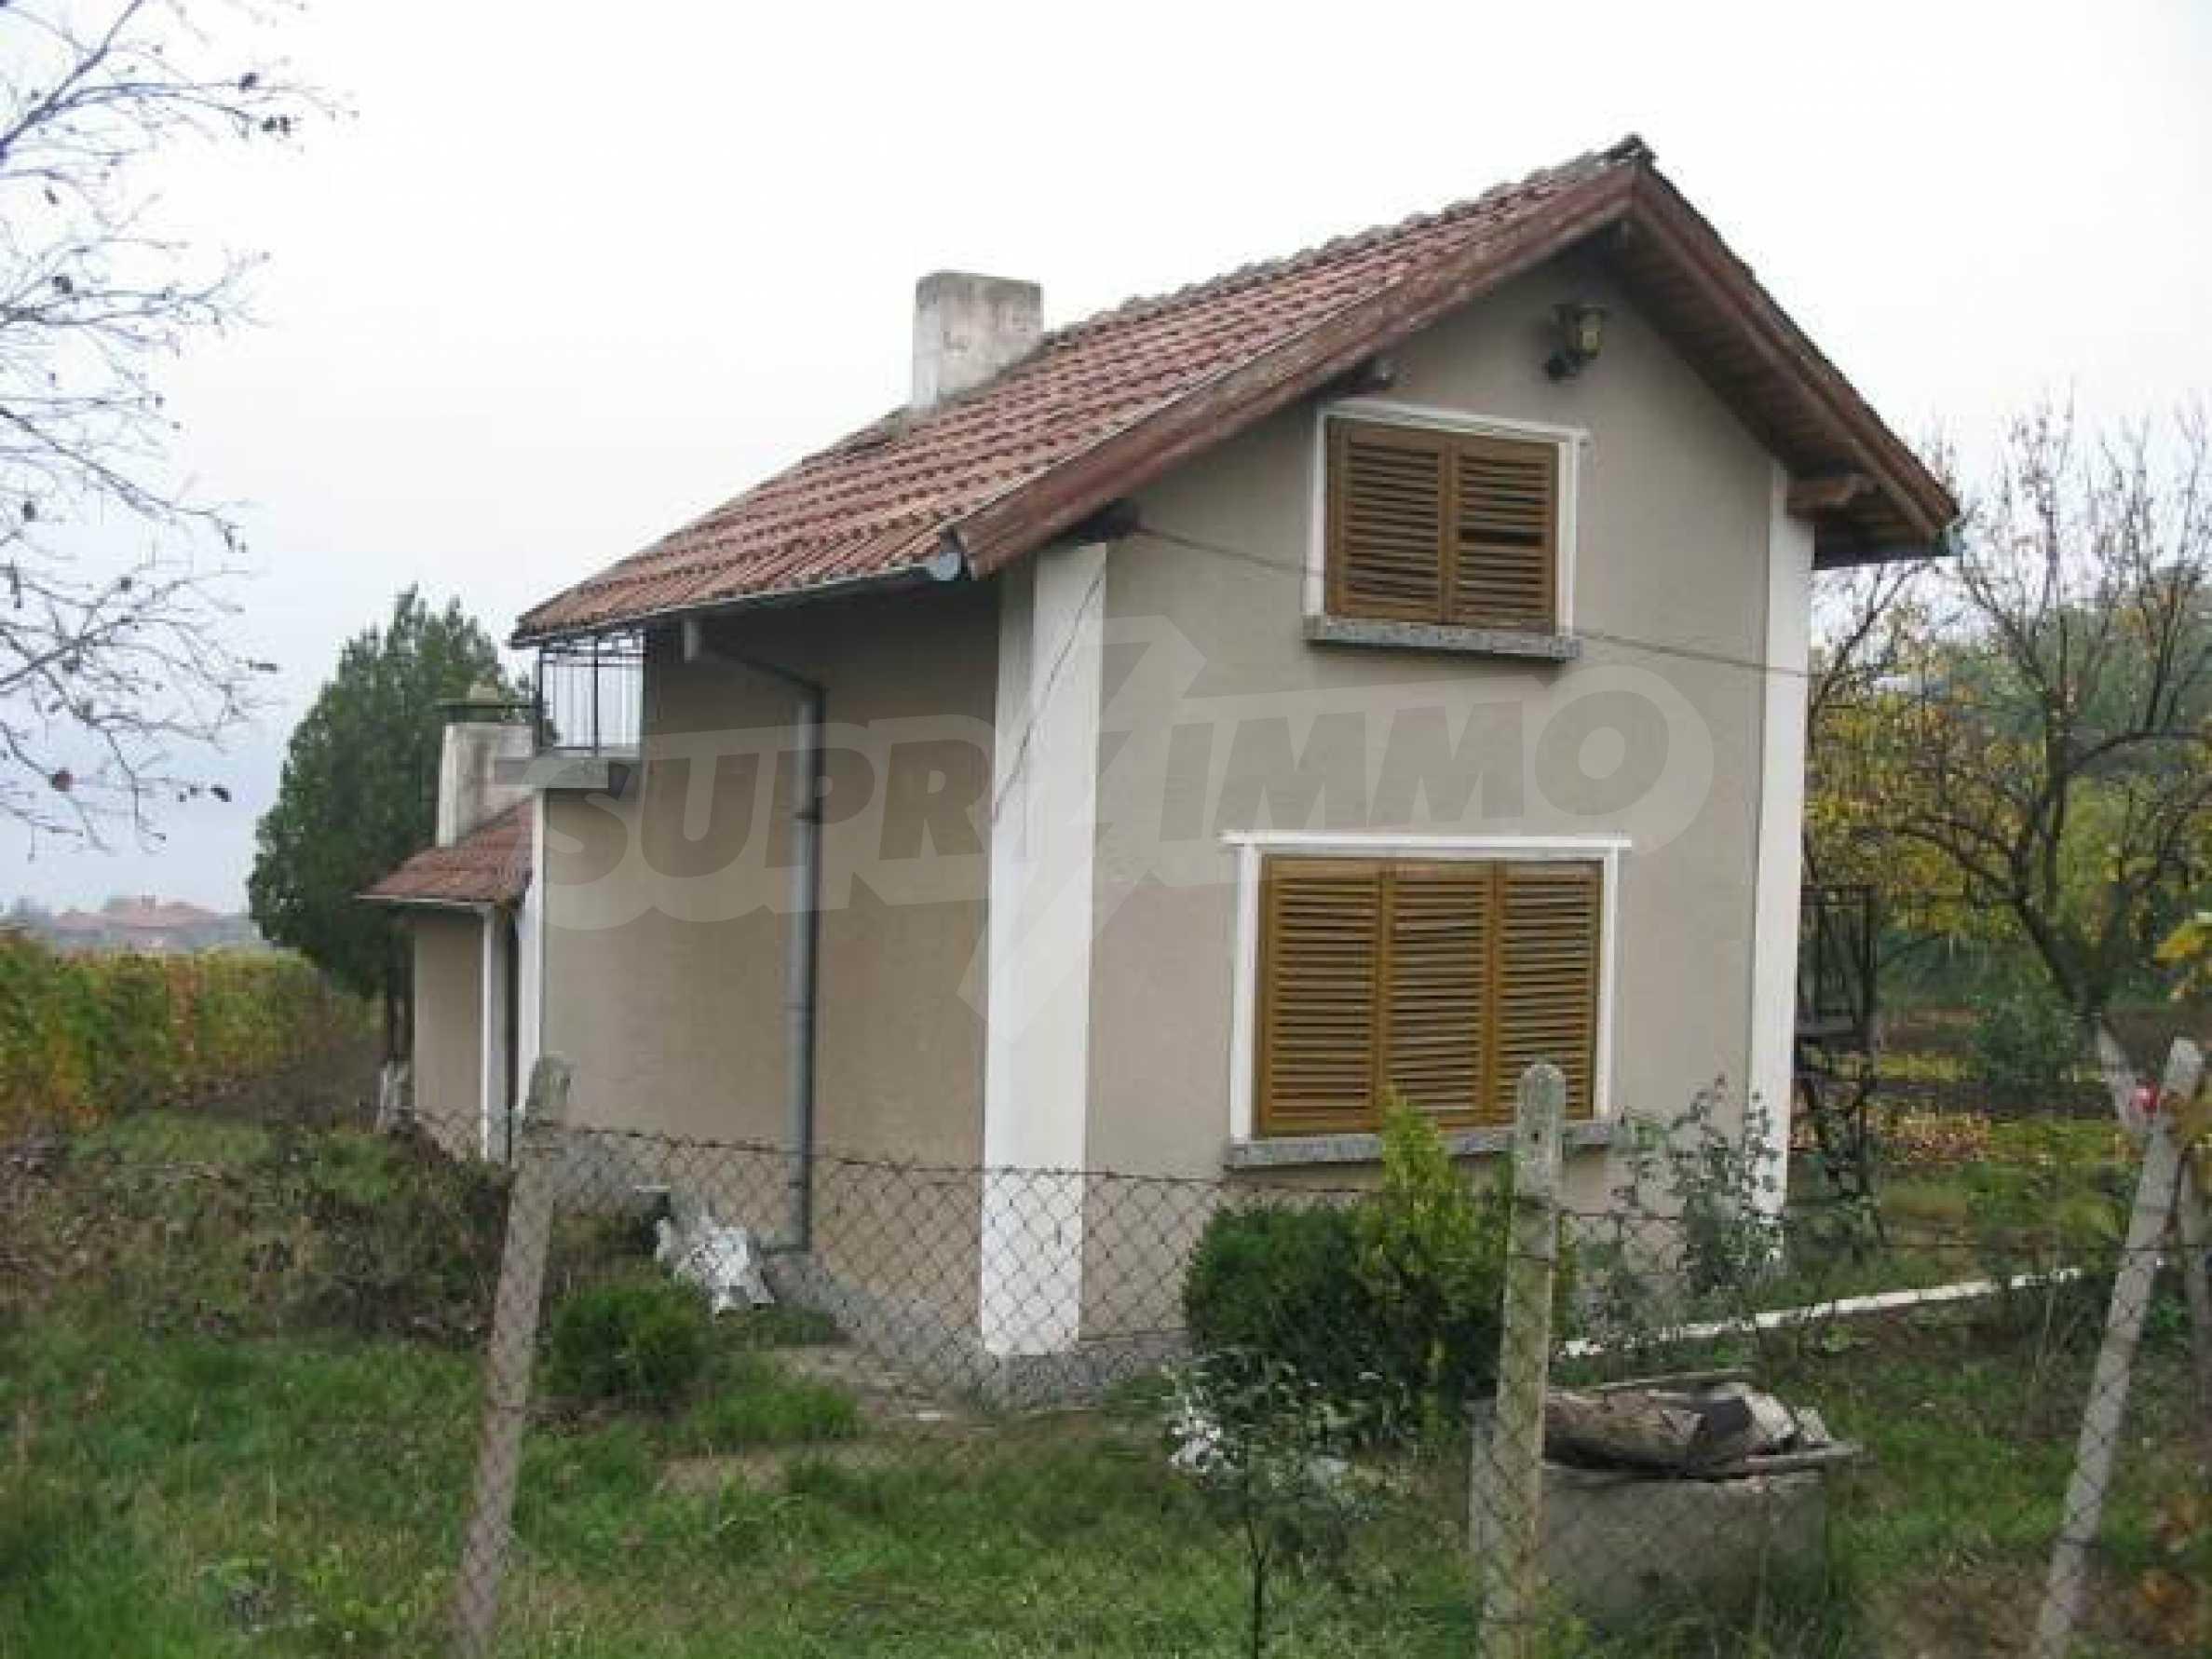 Villa zum Verkauf in der Nähe von Vidin 1